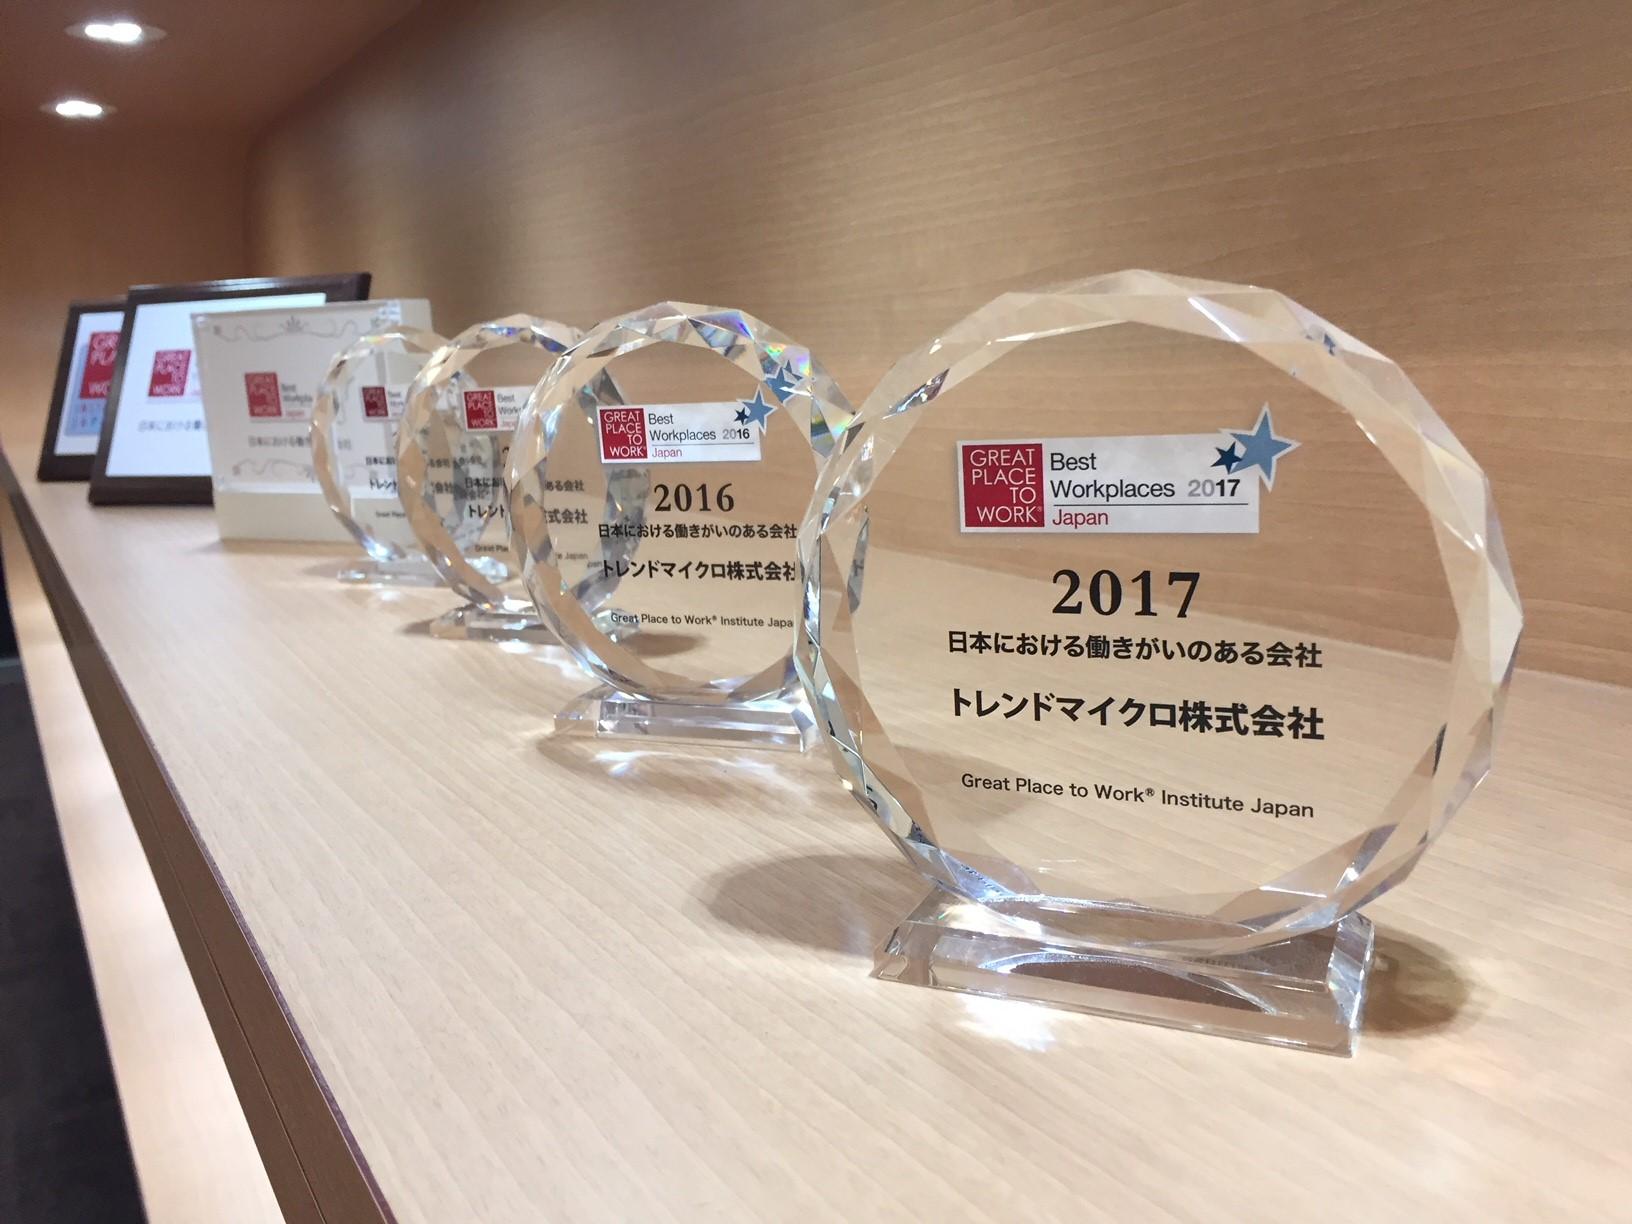 趨勢科技在日本自2011年起接連七年獲得「最佳企業職場獎 - Great Place to Work Award」